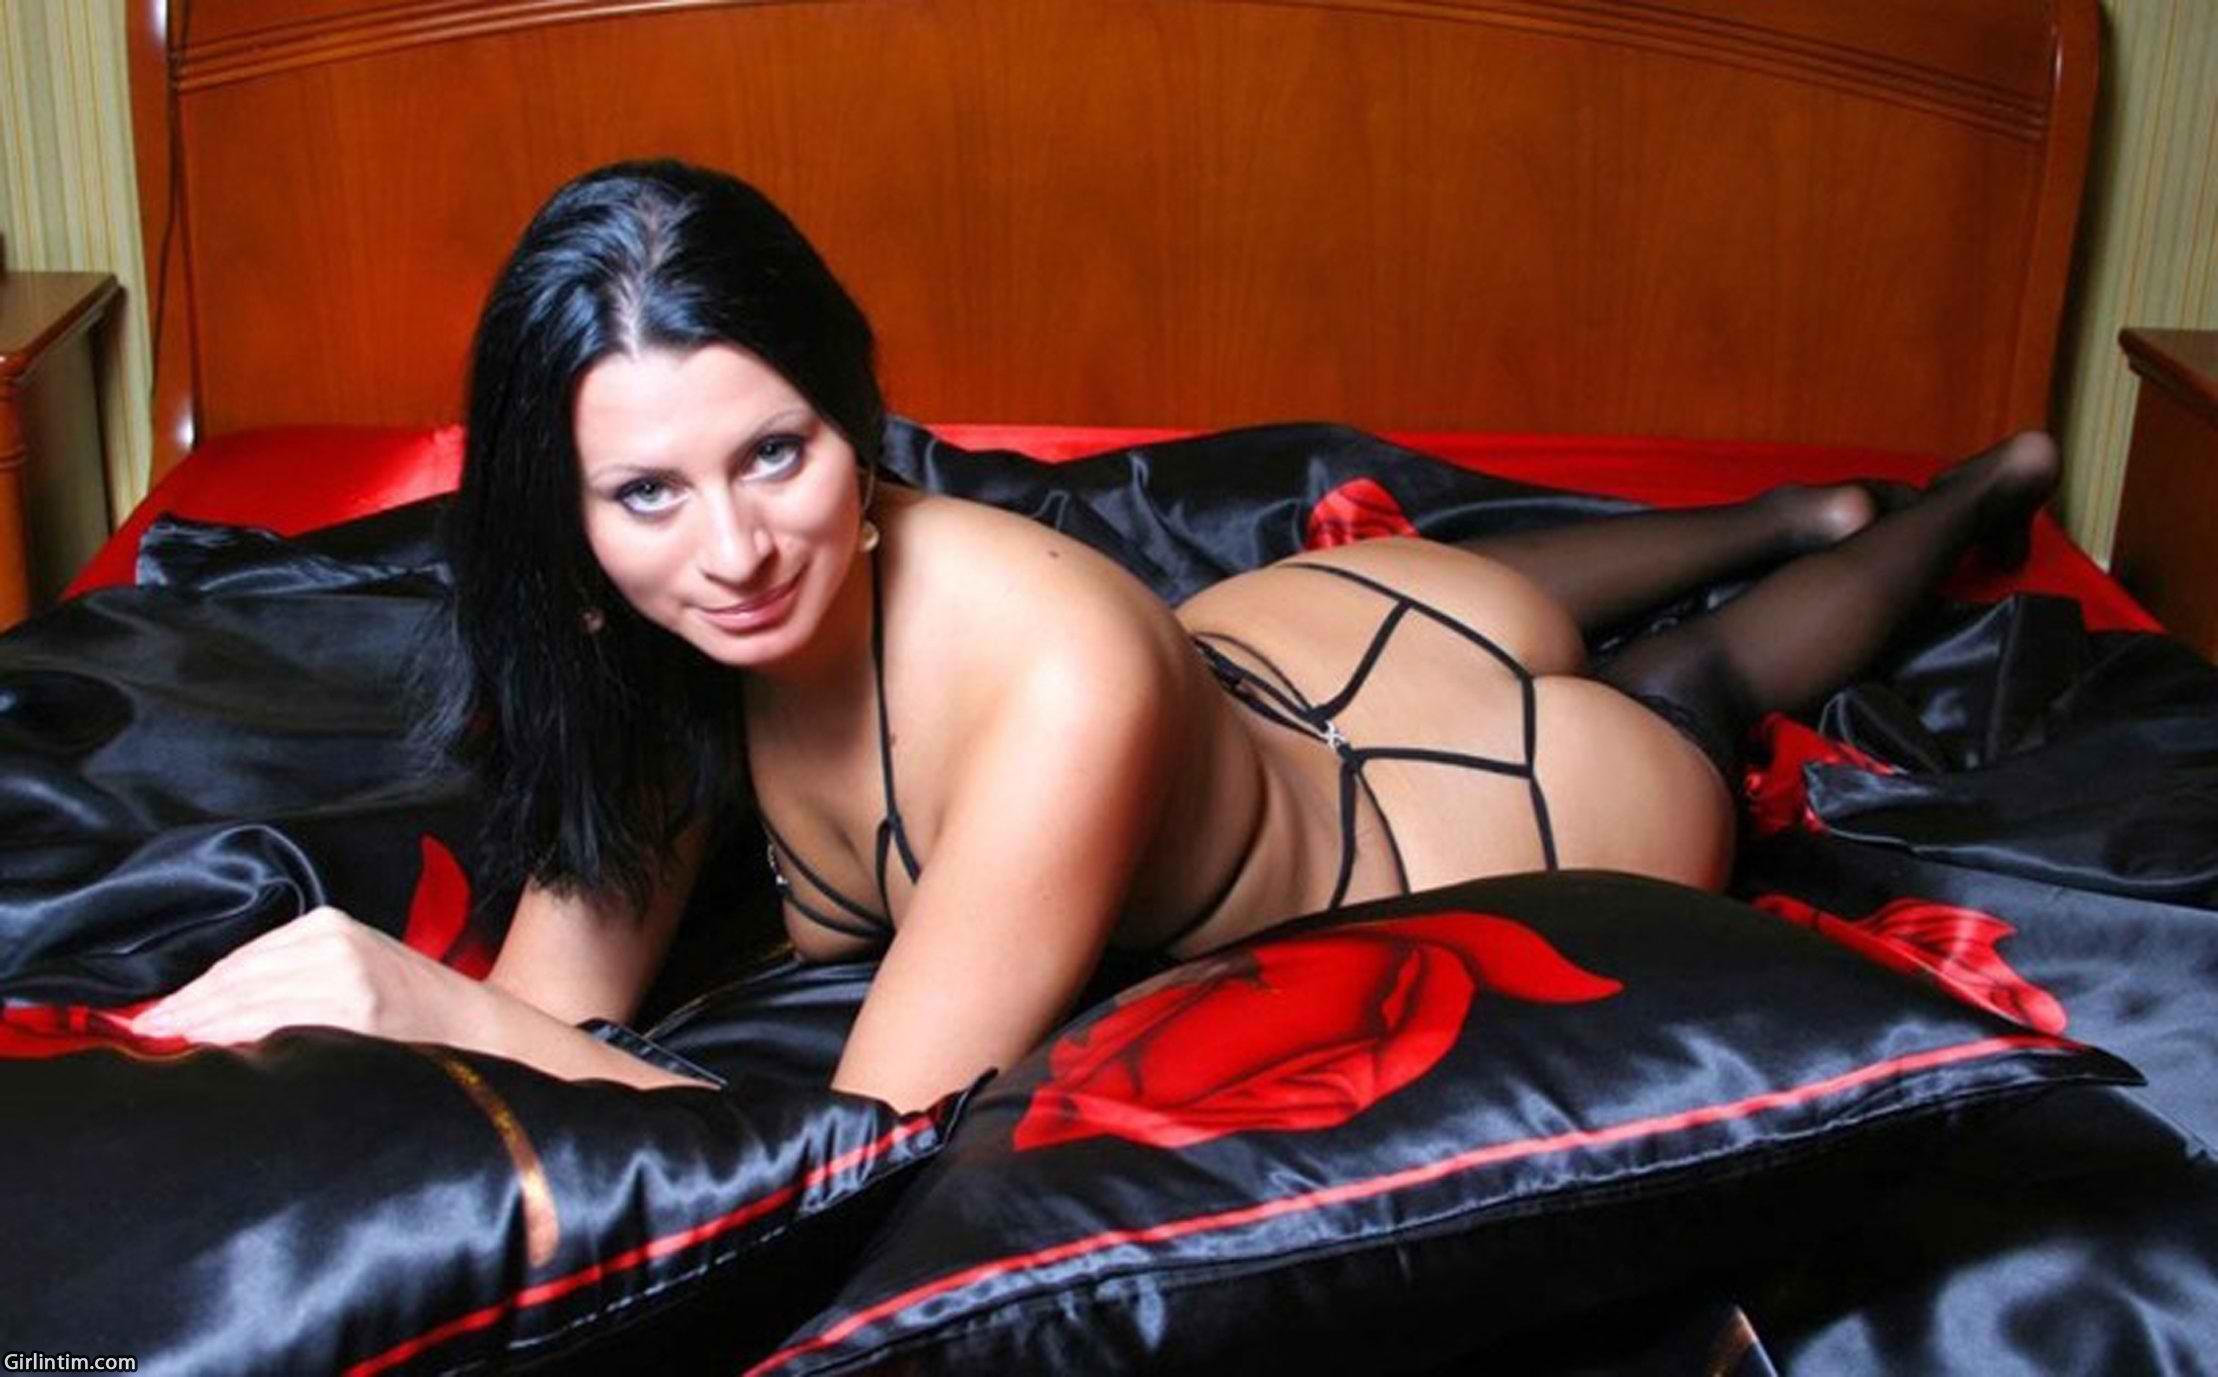 Проститутки в москве не салон, Проверенные проститутки без ретуши в Москвы - снять 16 фотография